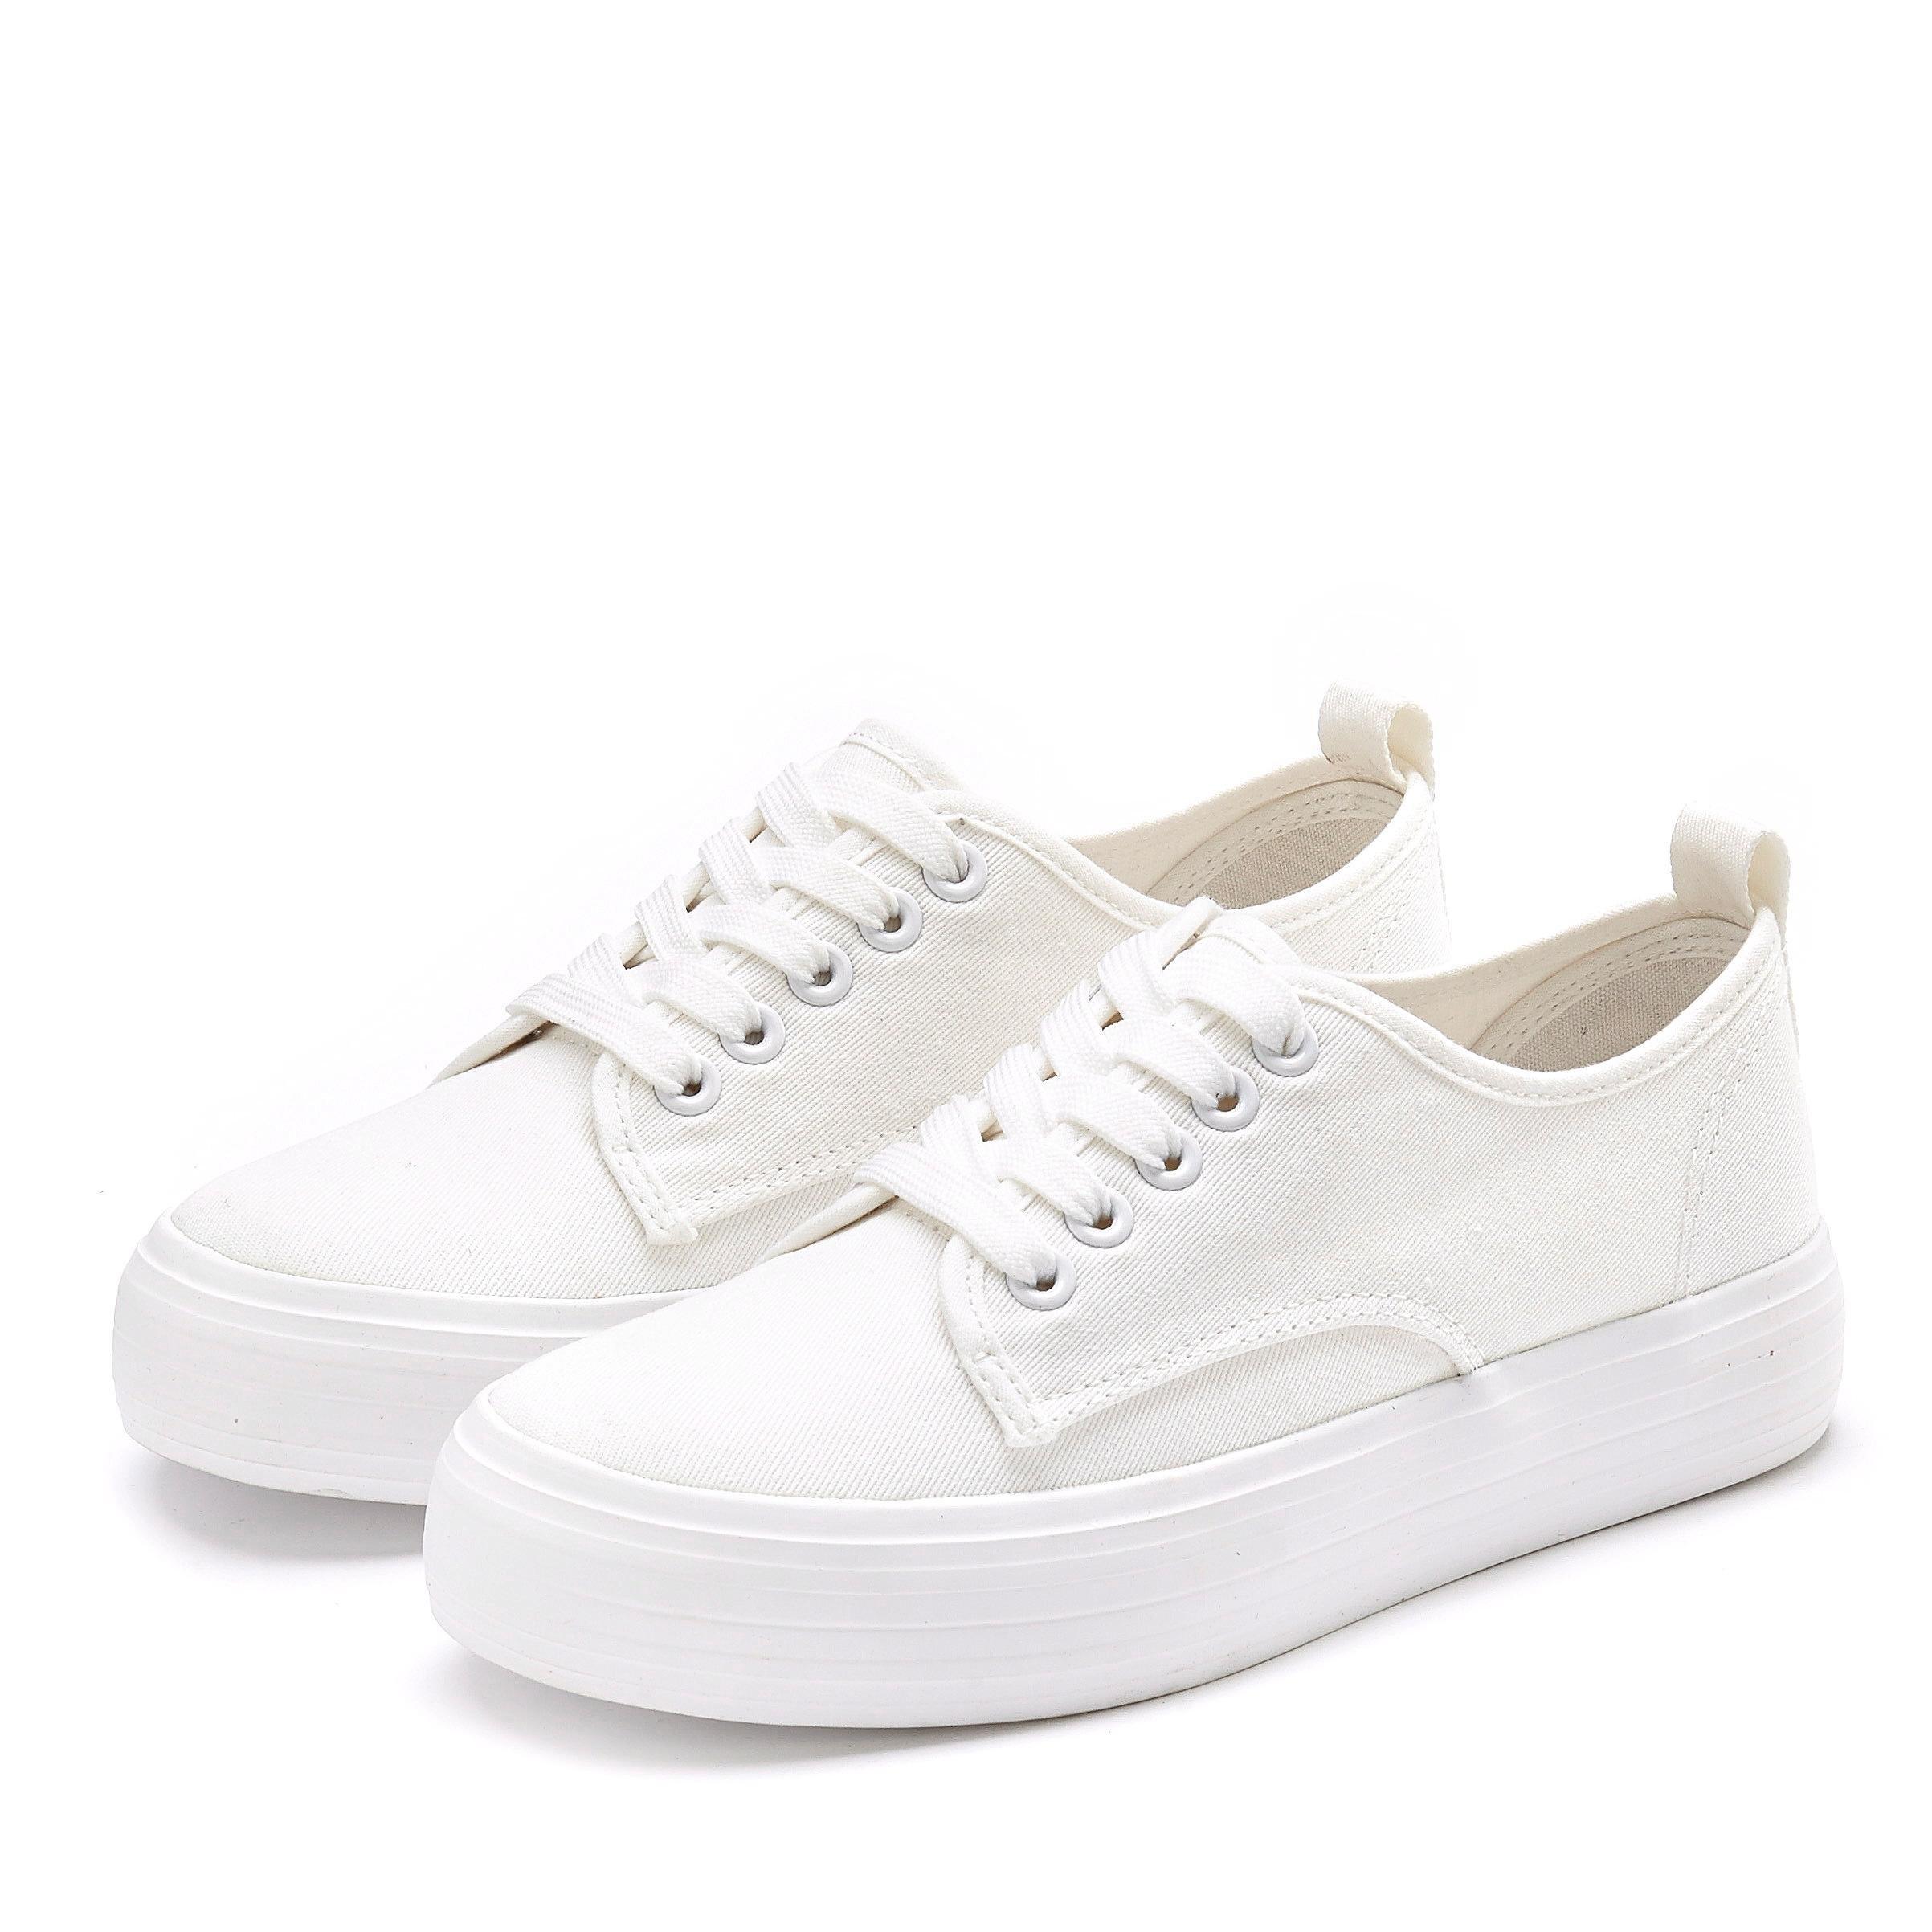 Lascana Online Kopen Kopen Lascana Lascana Online Online Sneakers Sneakers Sneakers Kopen Yb7If6gyv